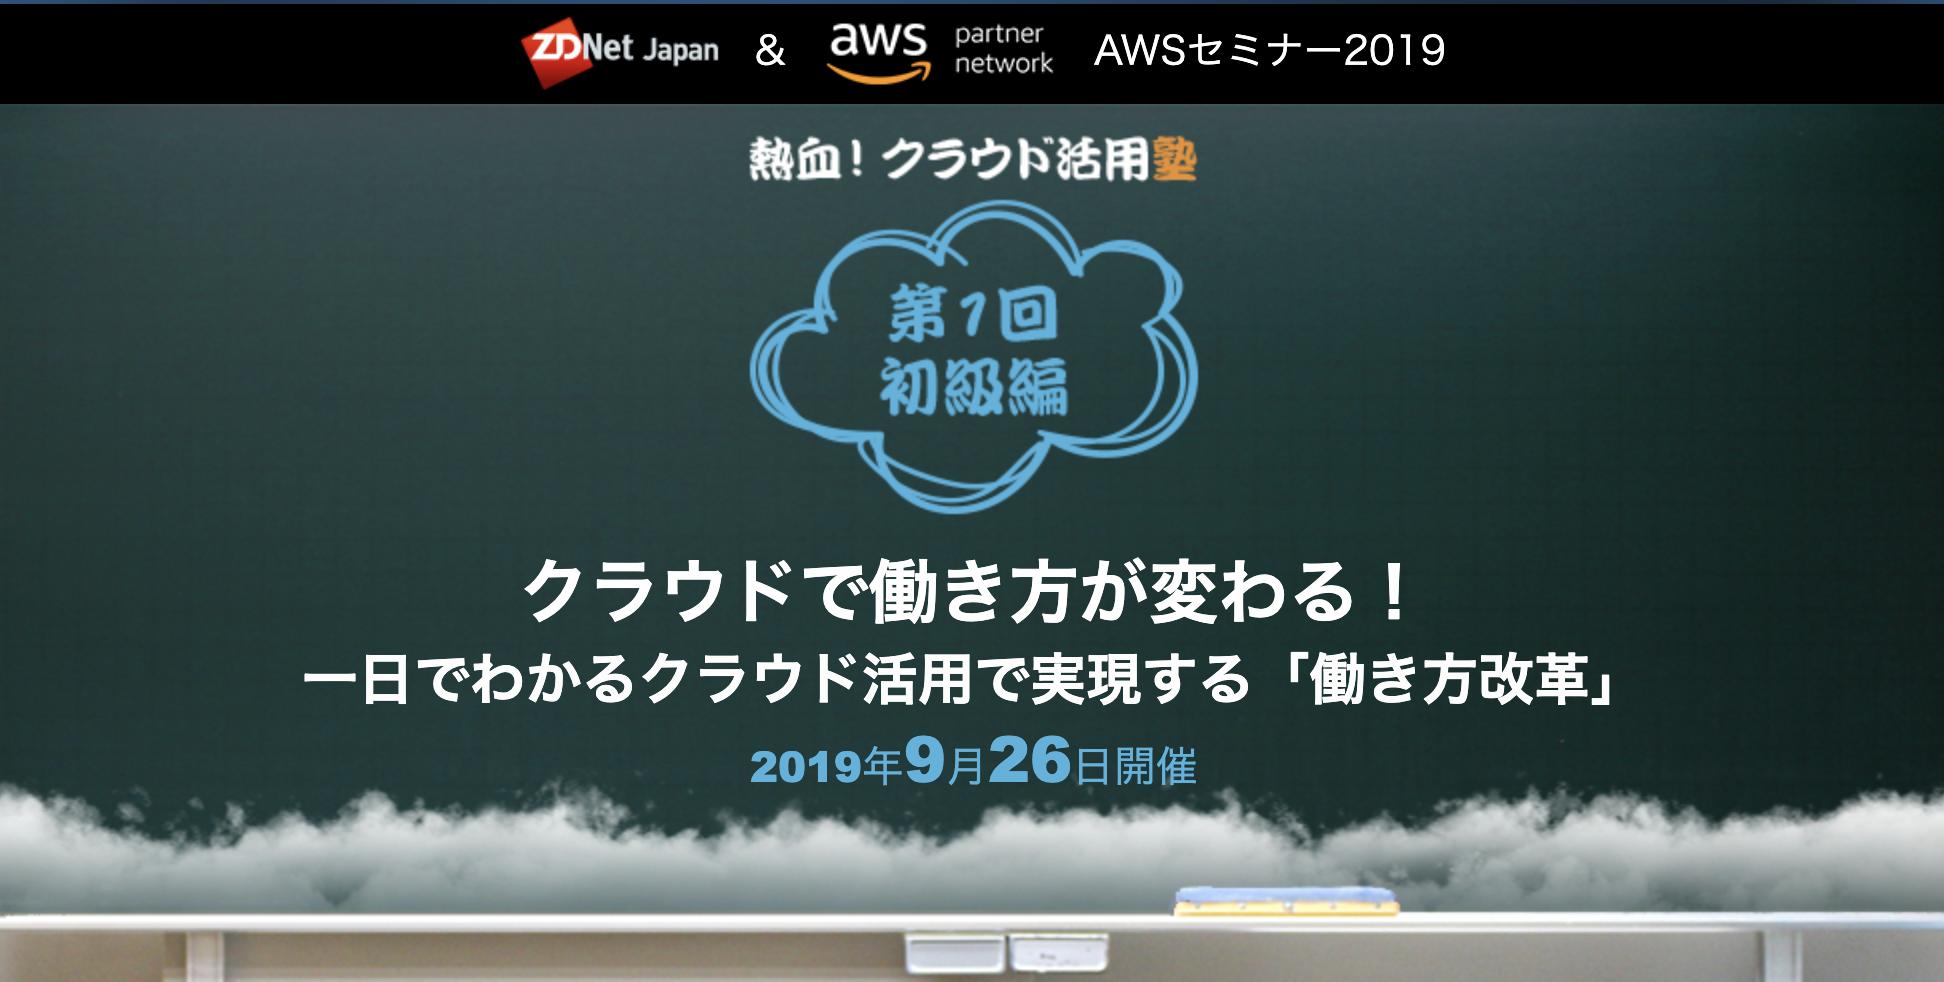 【9月26日 東京】クラウドで働き方が変わる!一日でわかるクラウド活用で実現する「働き方改革」にて当社の営業 加藤が登壇いたします